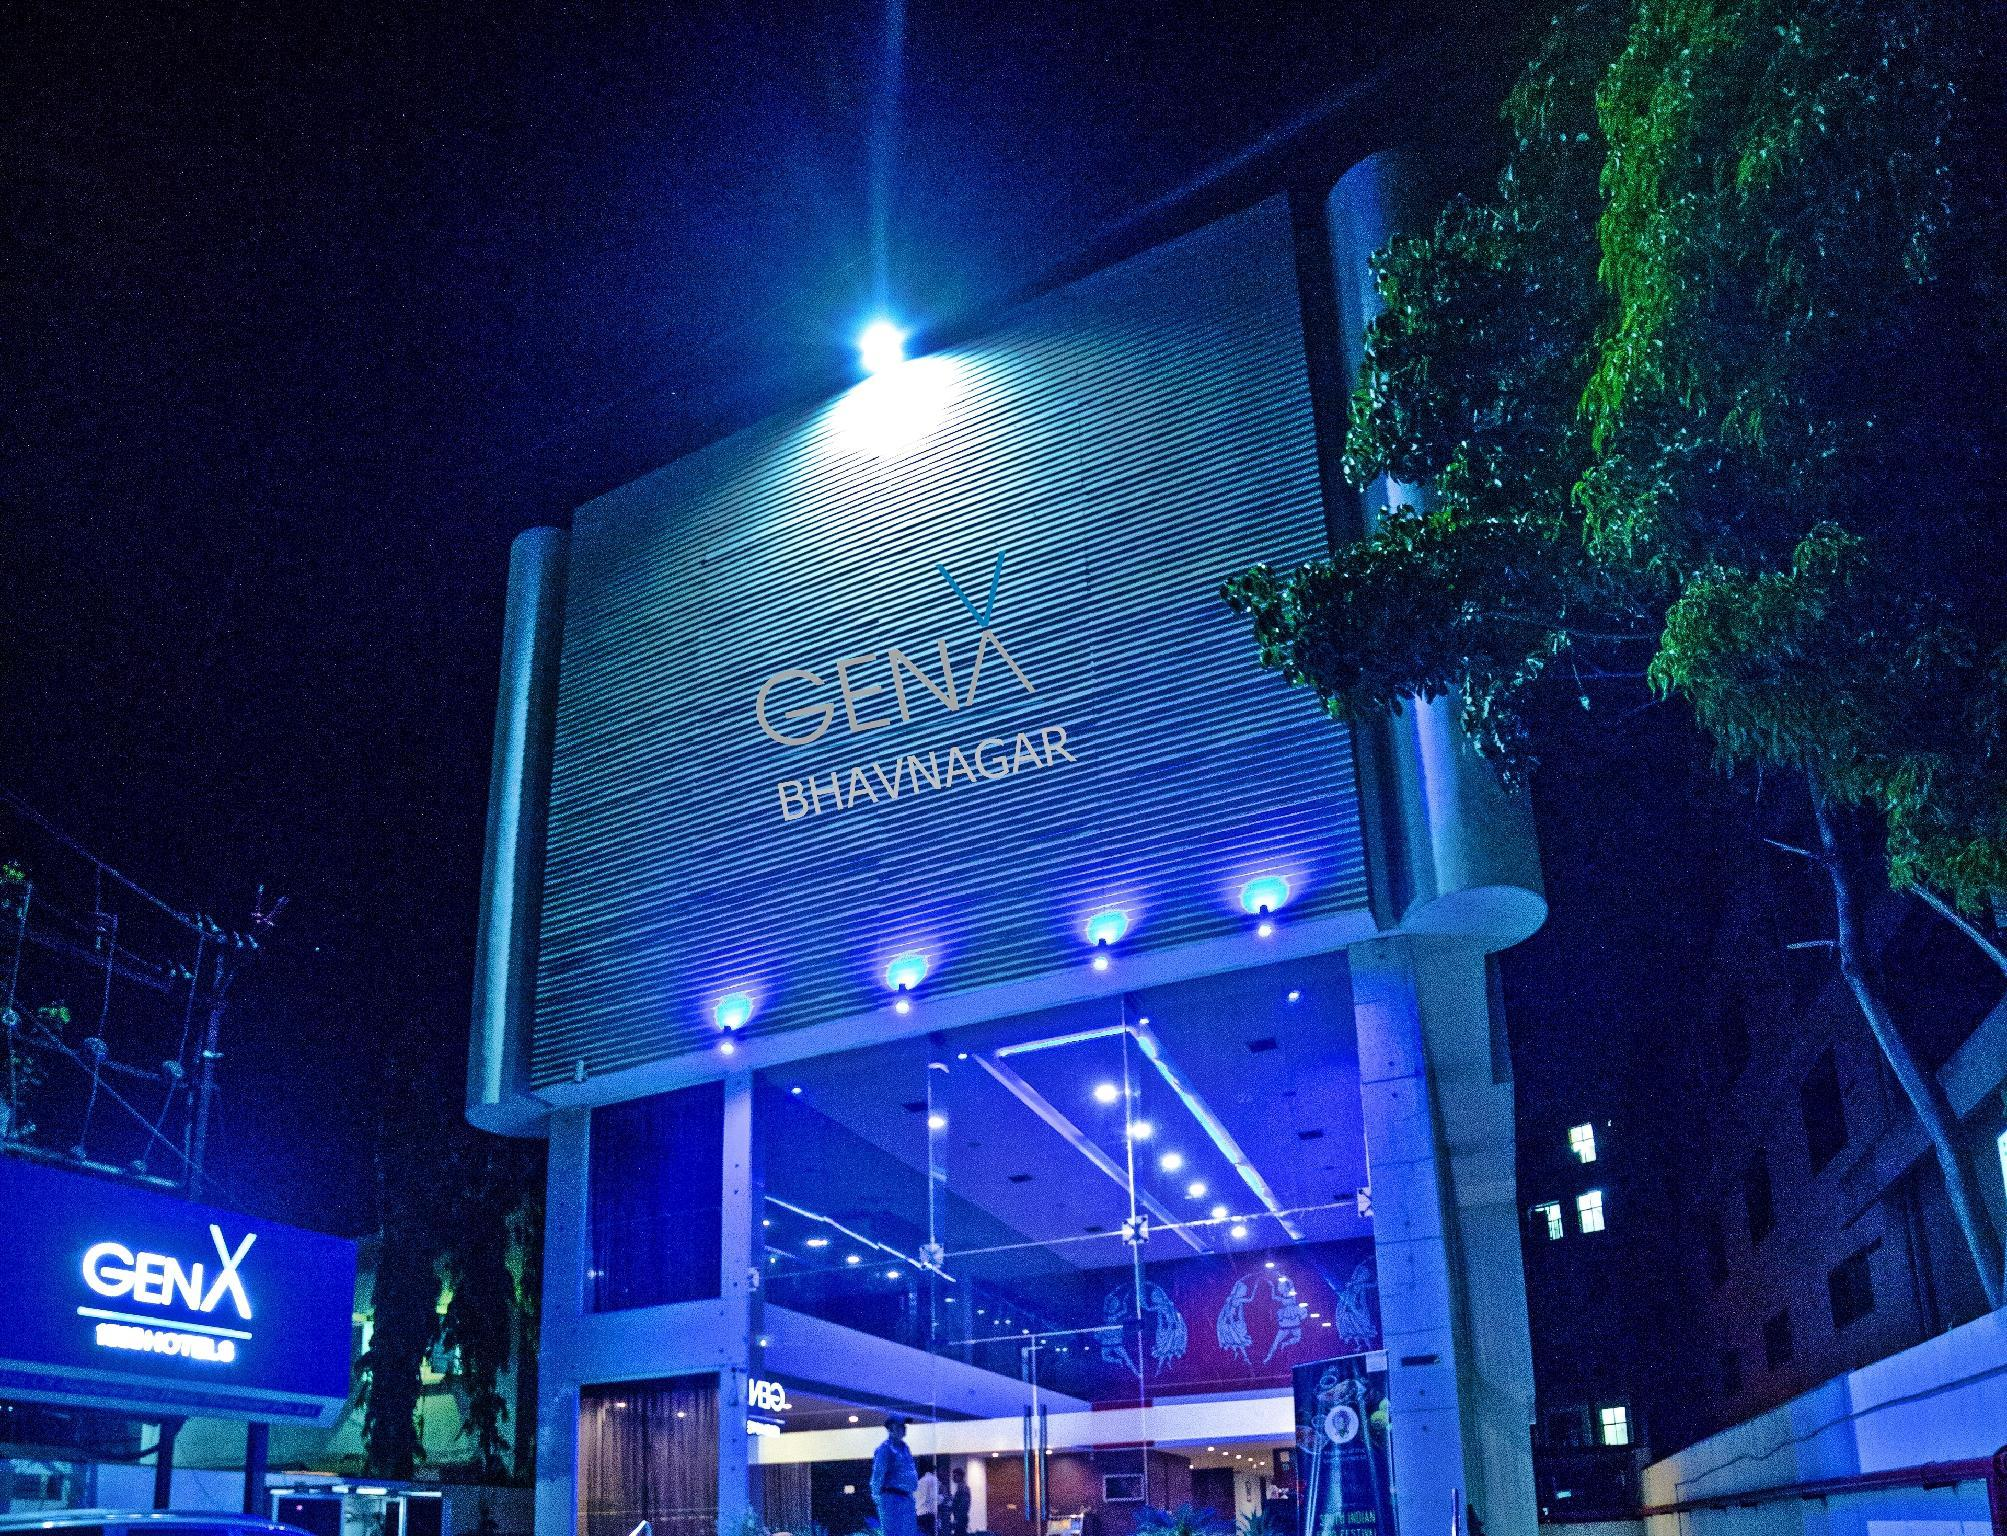 Gen X Bhavnagar 1589 Hotel